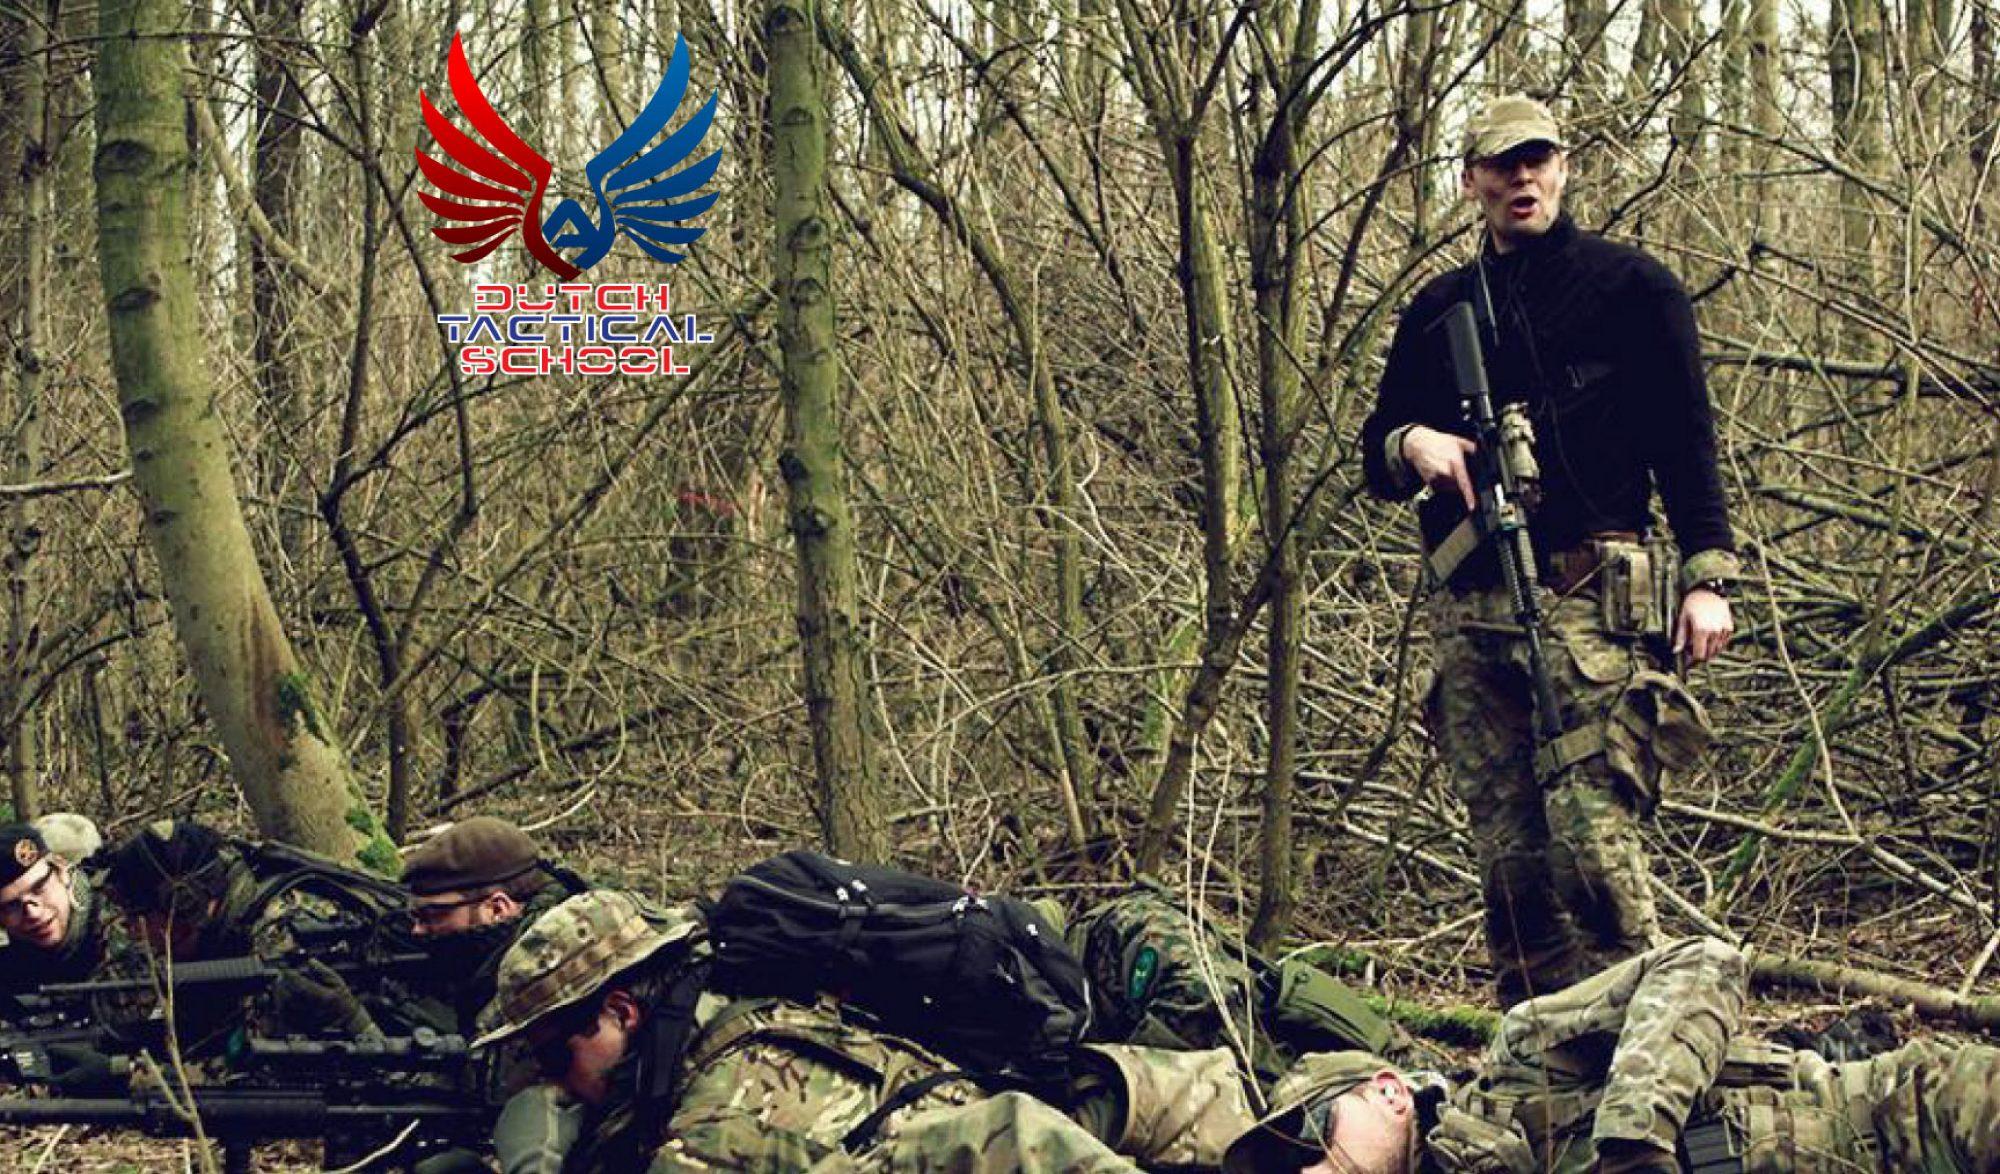 Dutch Tactical School